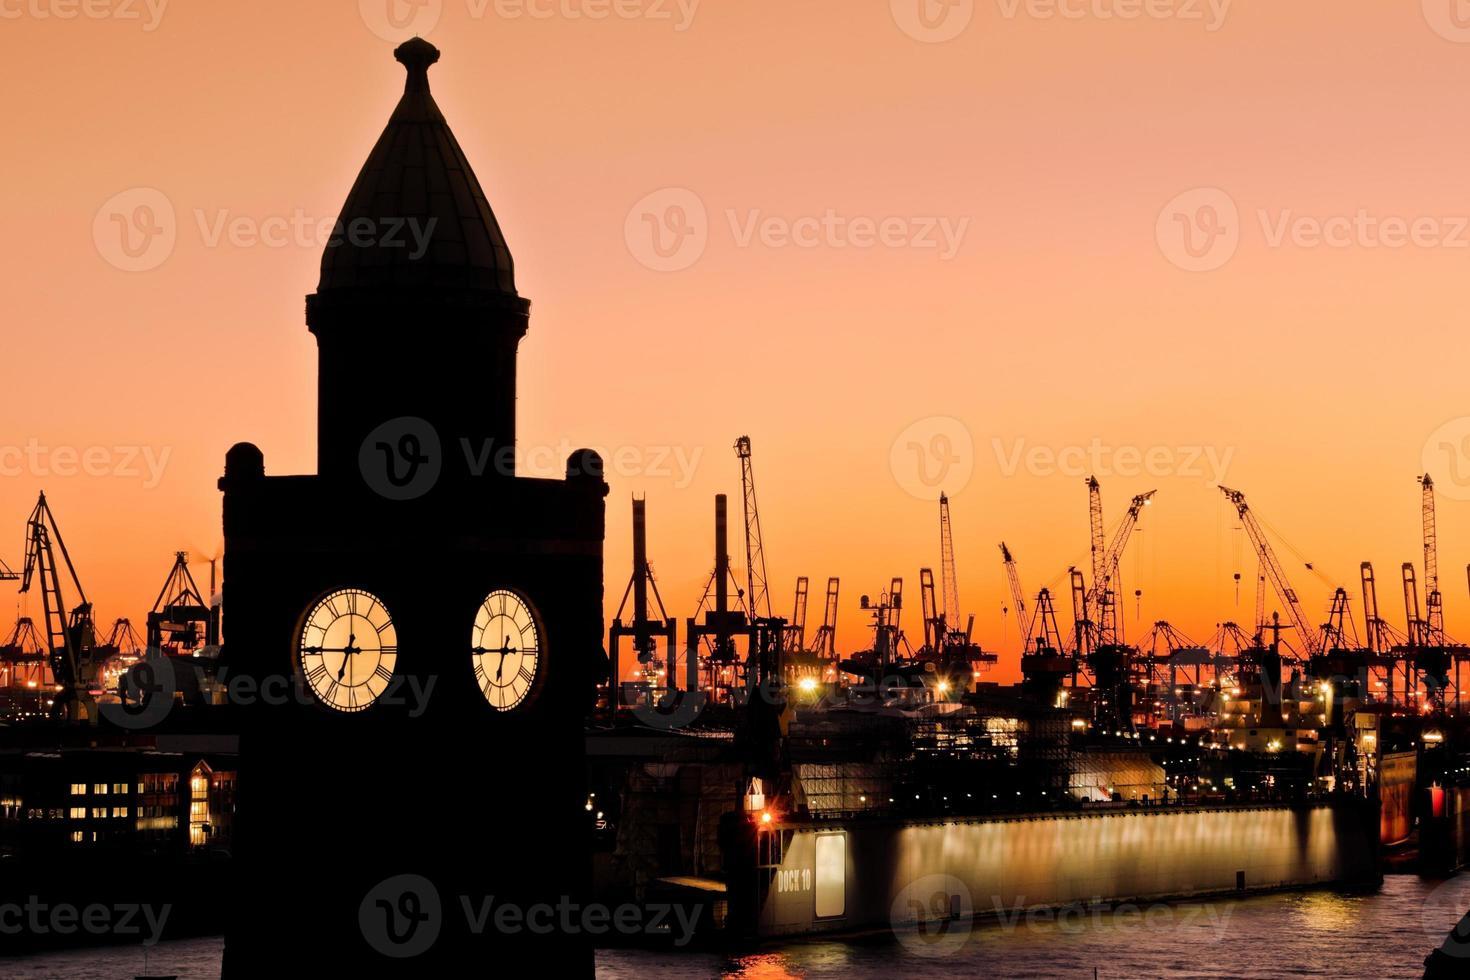 cena do porto de Hamburgo no cais foto